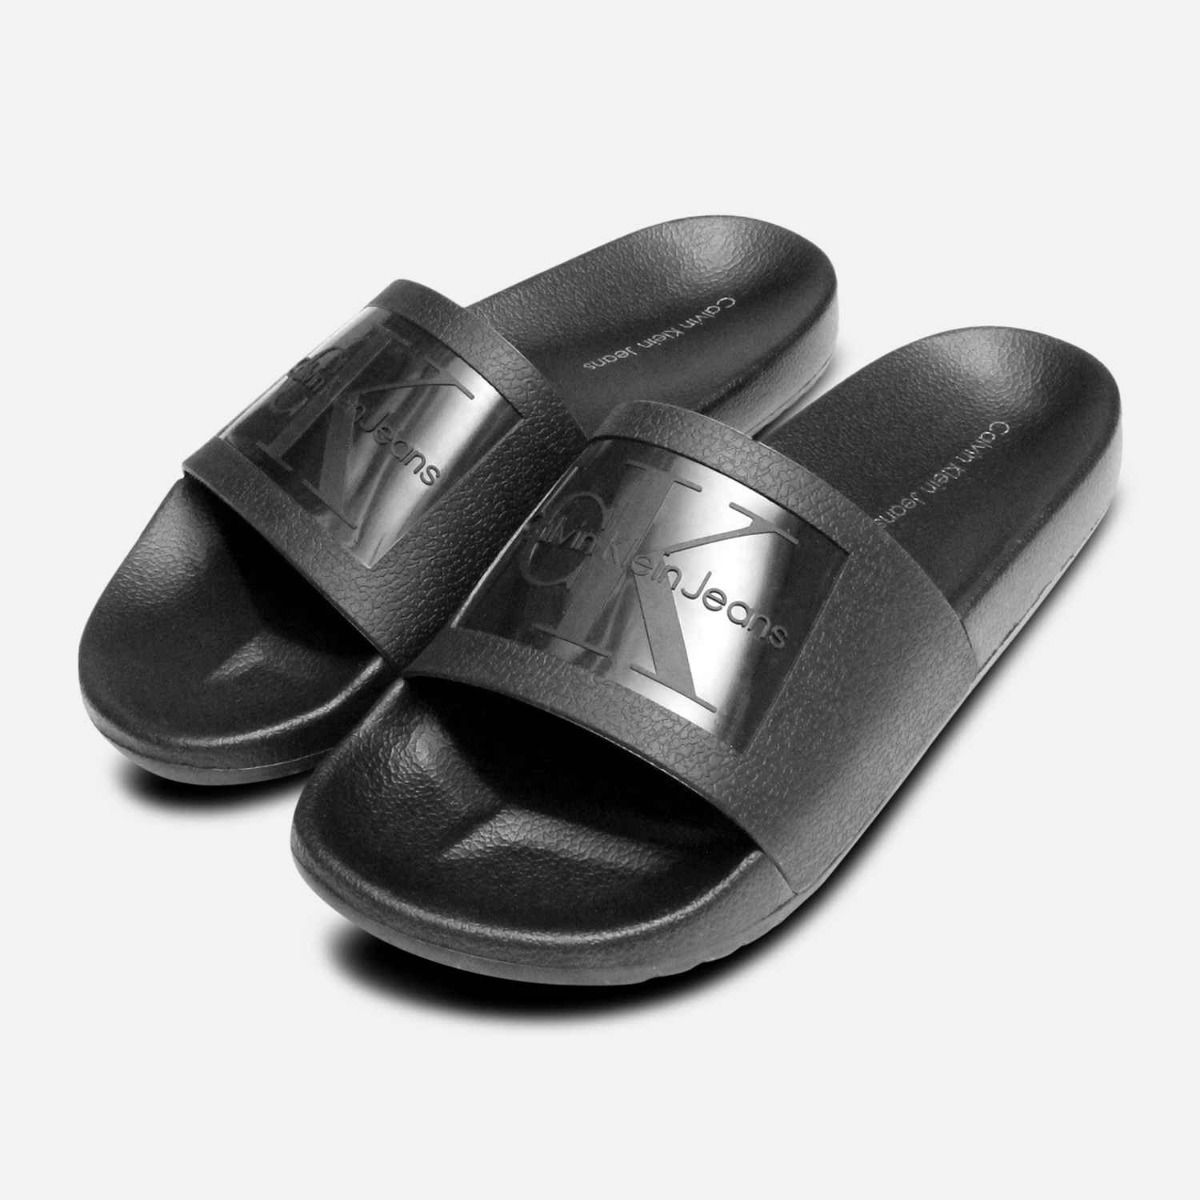 c4d94e0c871c Vincenzo Black Jelly Calvin Klein Mens Slide Sandals